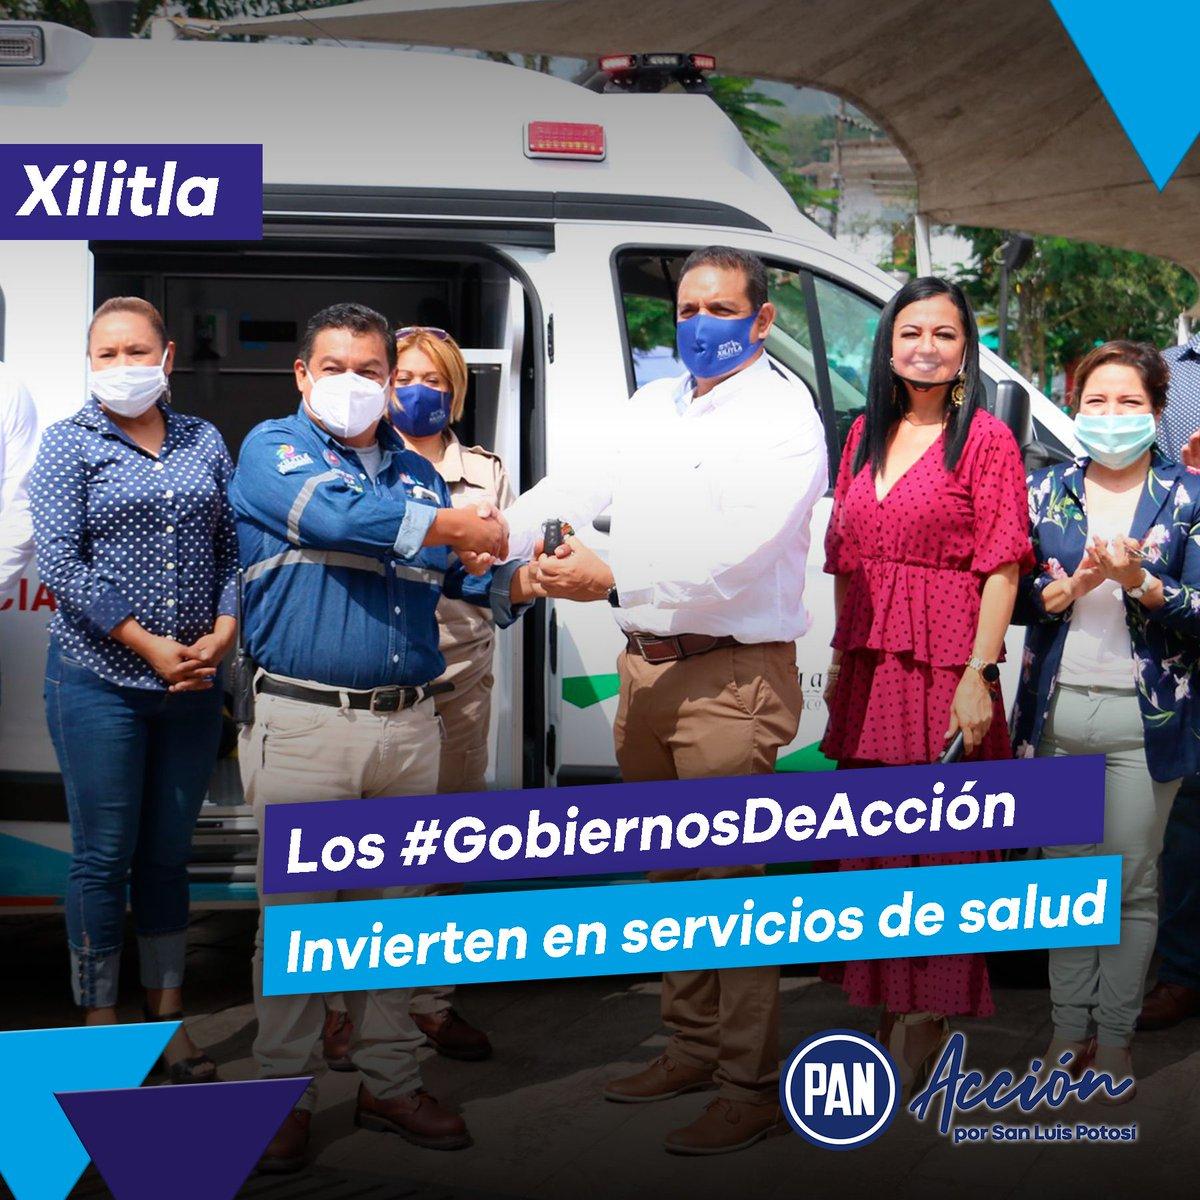 Los Gobiernos panistas son aquellos que cuidan la salud de todos y todas 👍🙌  En Xilitla los #GobiernosDeAcción adquirieron una ambulancia a disposición de la Dirección de Protección Civil, para cuidar la salud de las y los ciudadanos 🔵👏 https://t.co/eRPe0y8RNc